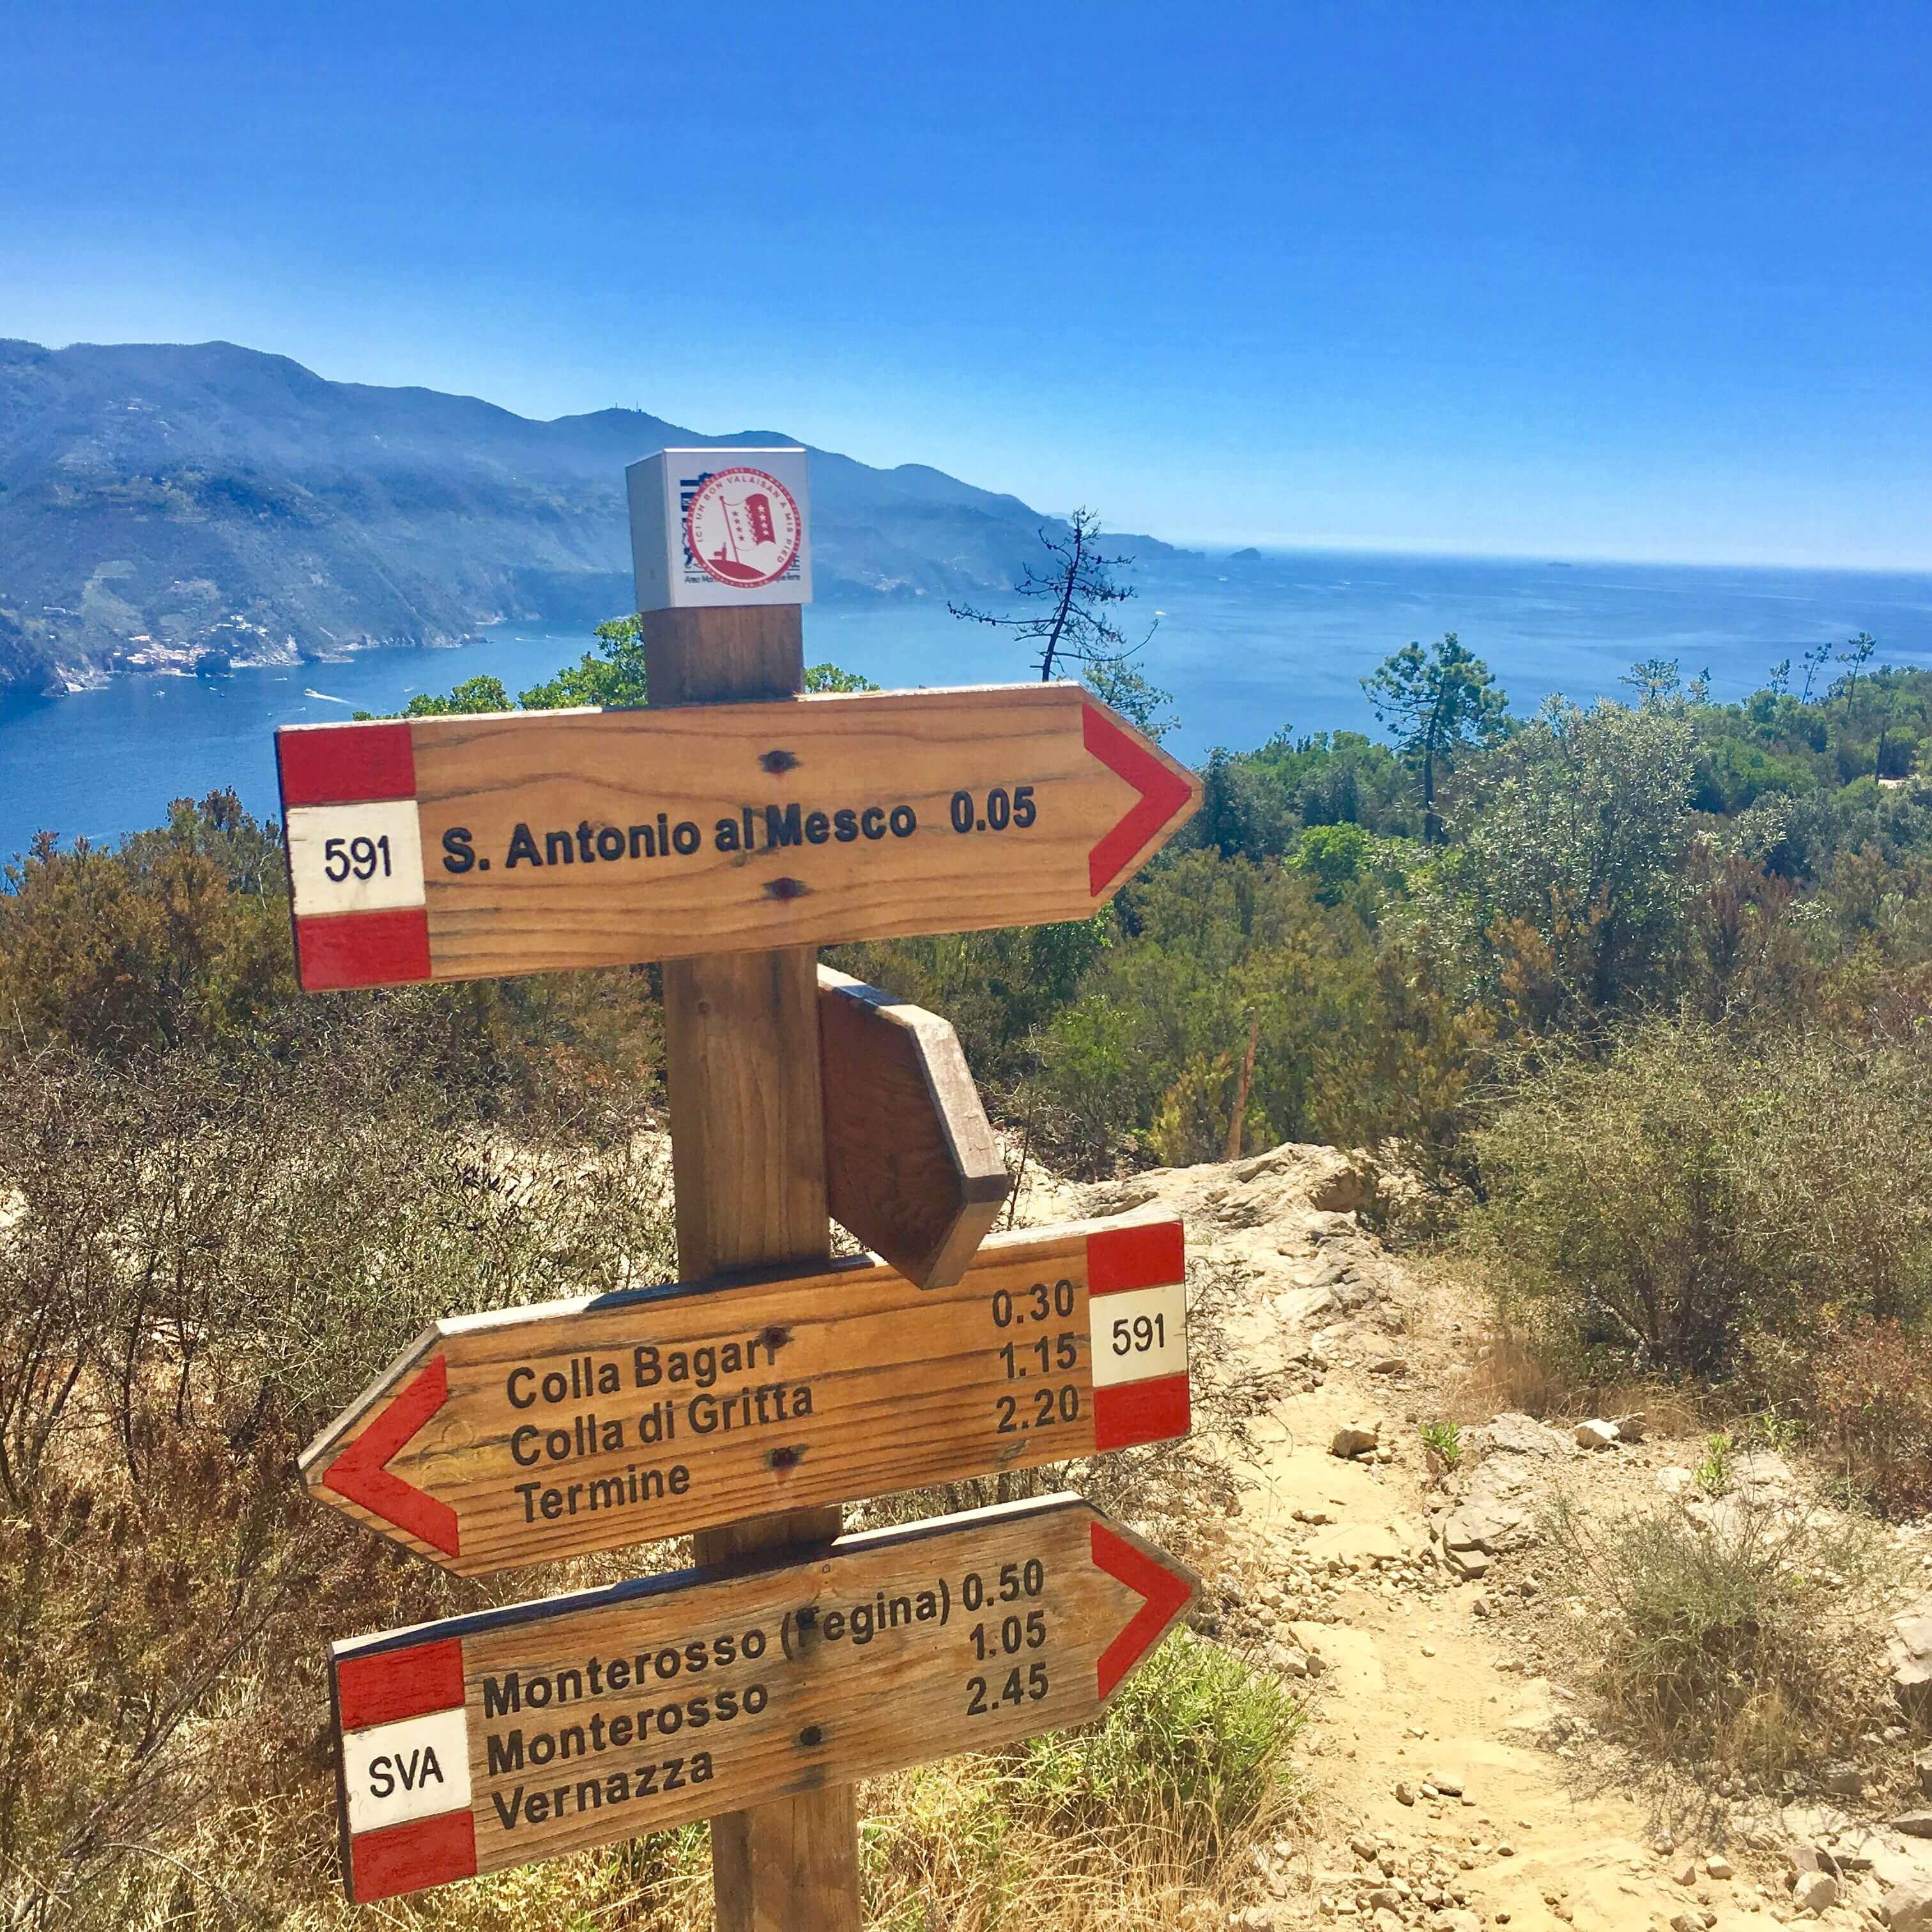 Excursion - Hiking Levanto to Monterosso